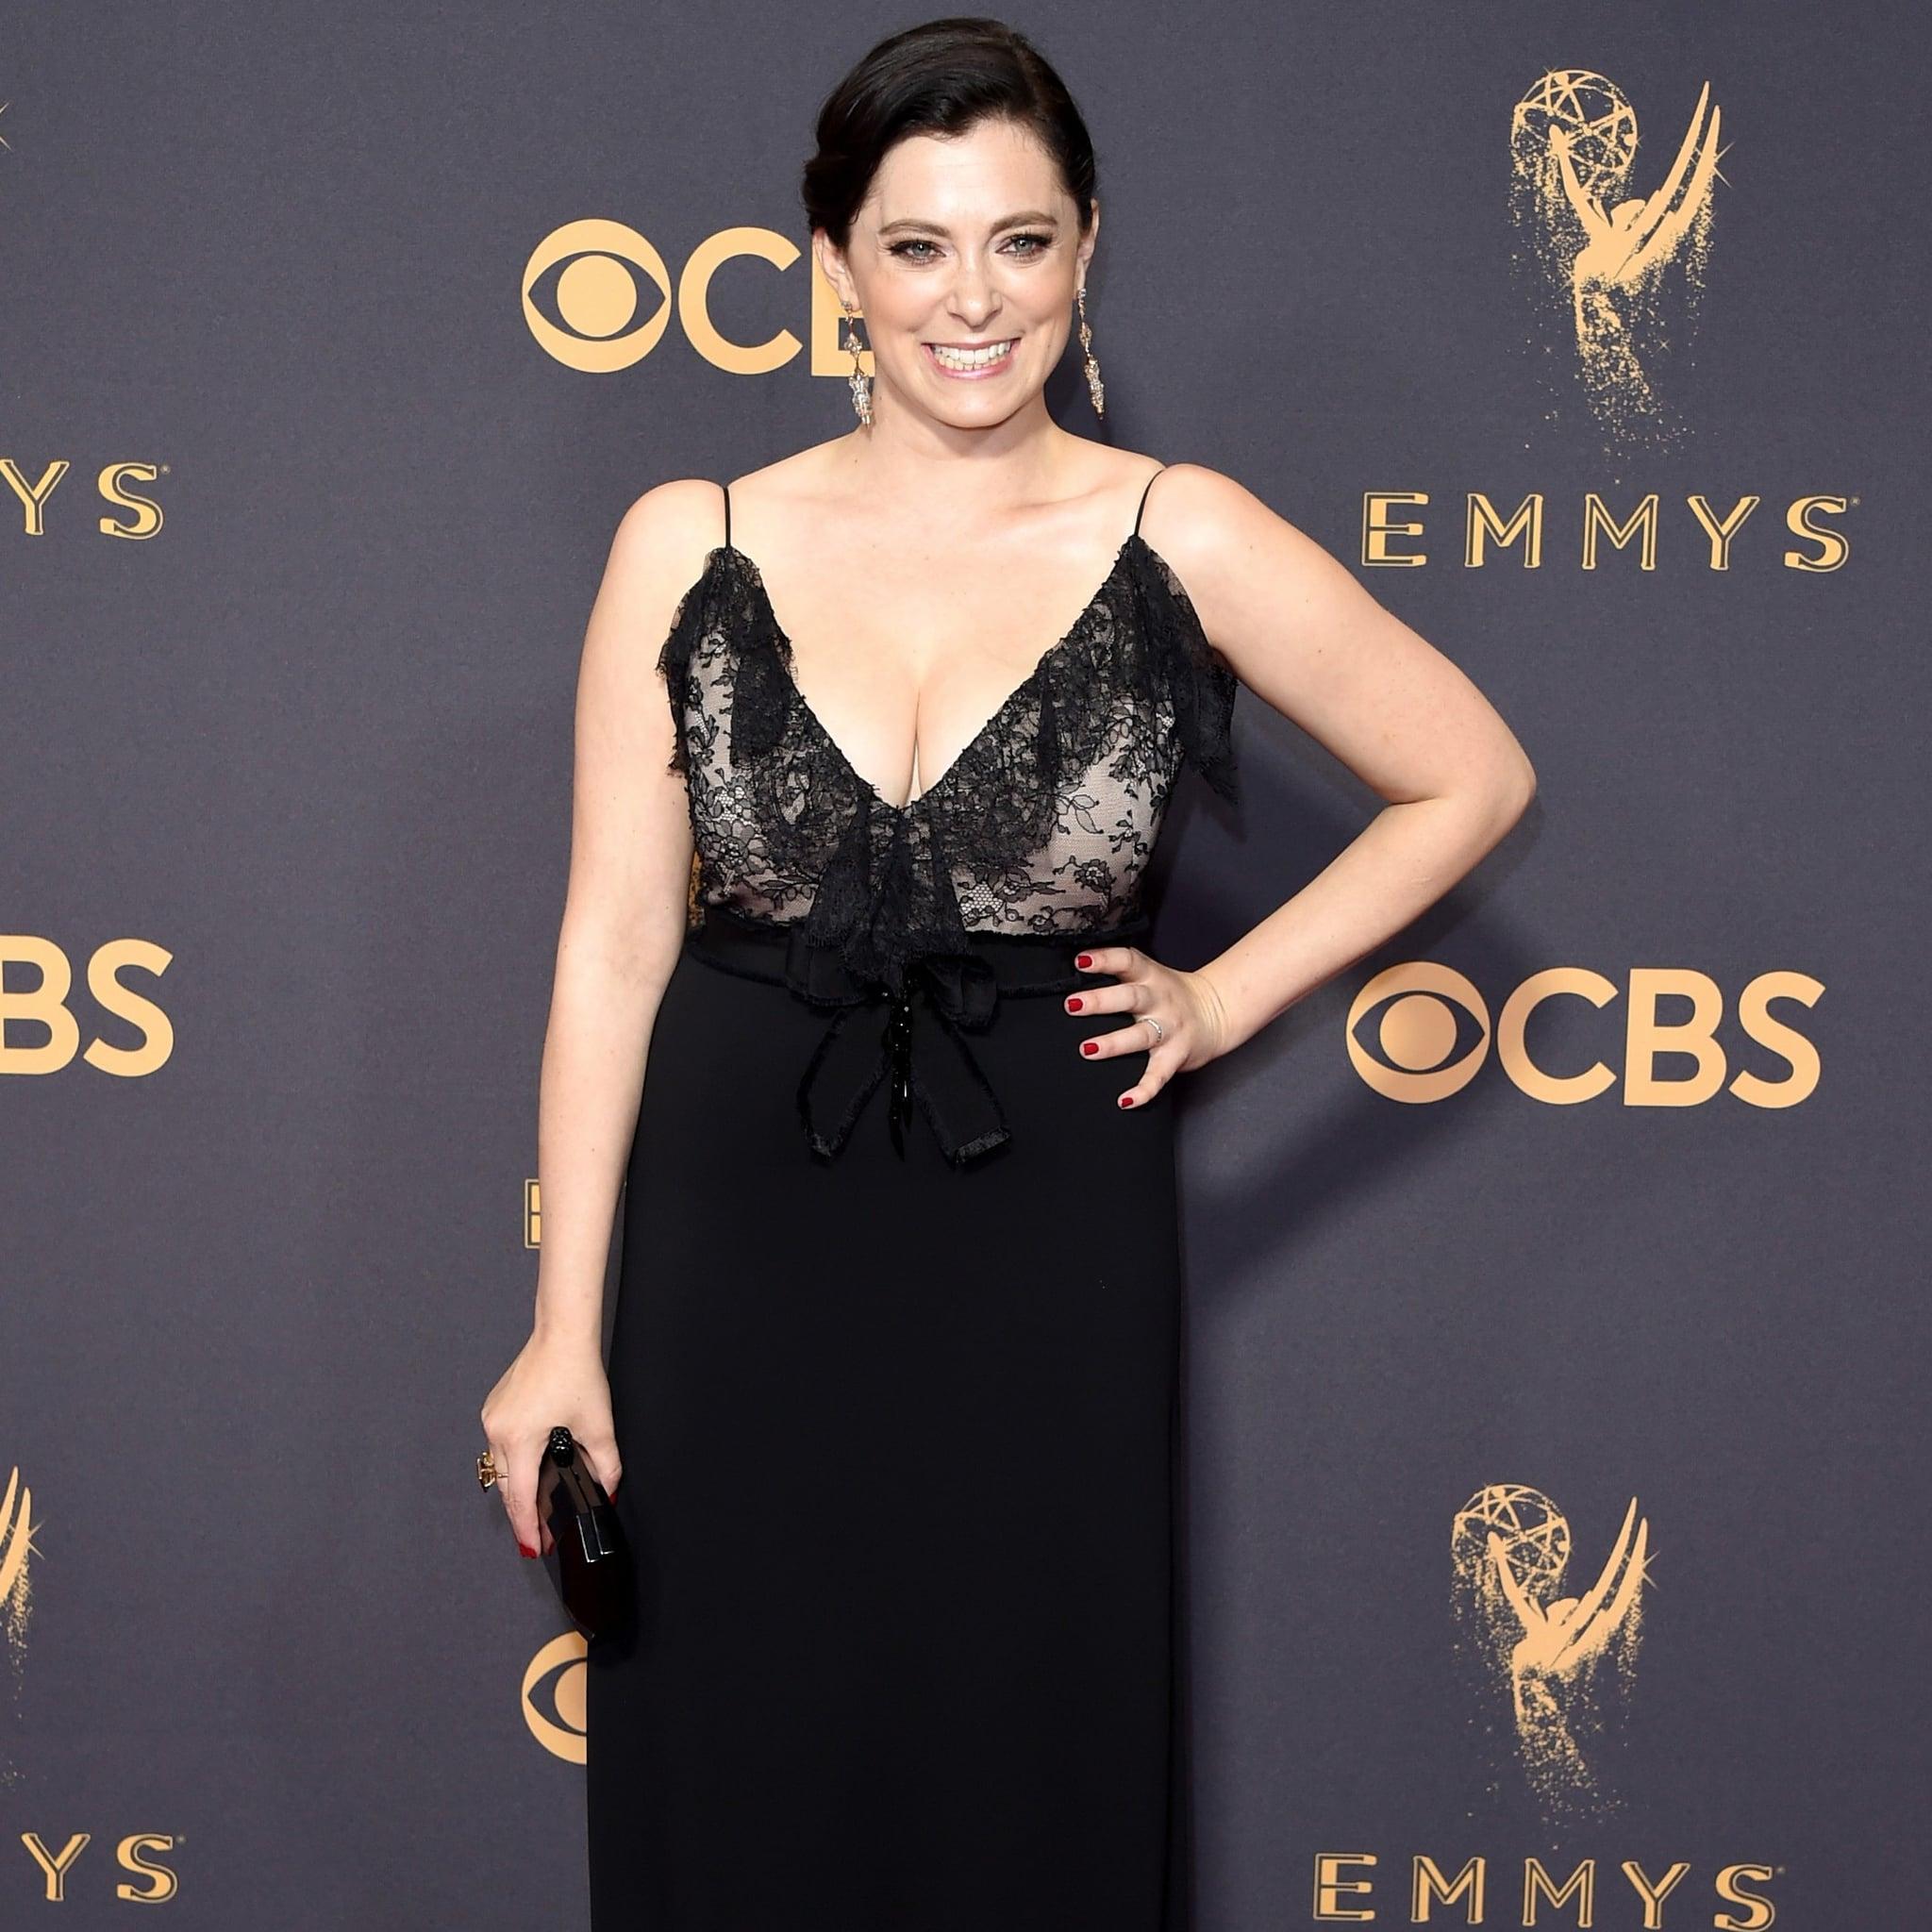 dd3074b58 Rachel Bloom Gucci Dress 2017 Emmy Awards | POPSUGAR Fashion